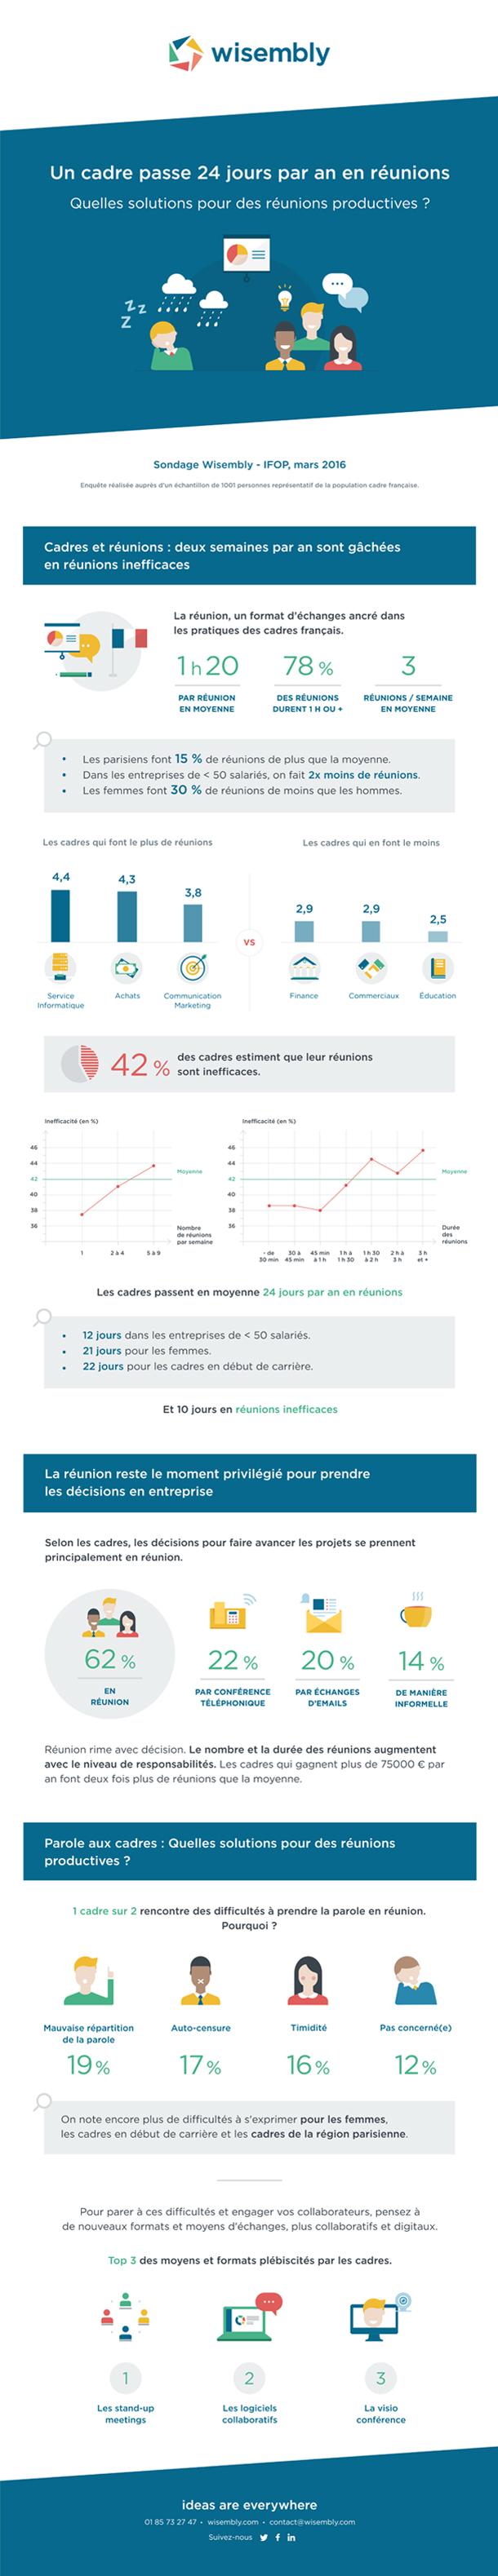 Reunions_entreprises_solutions_productivite